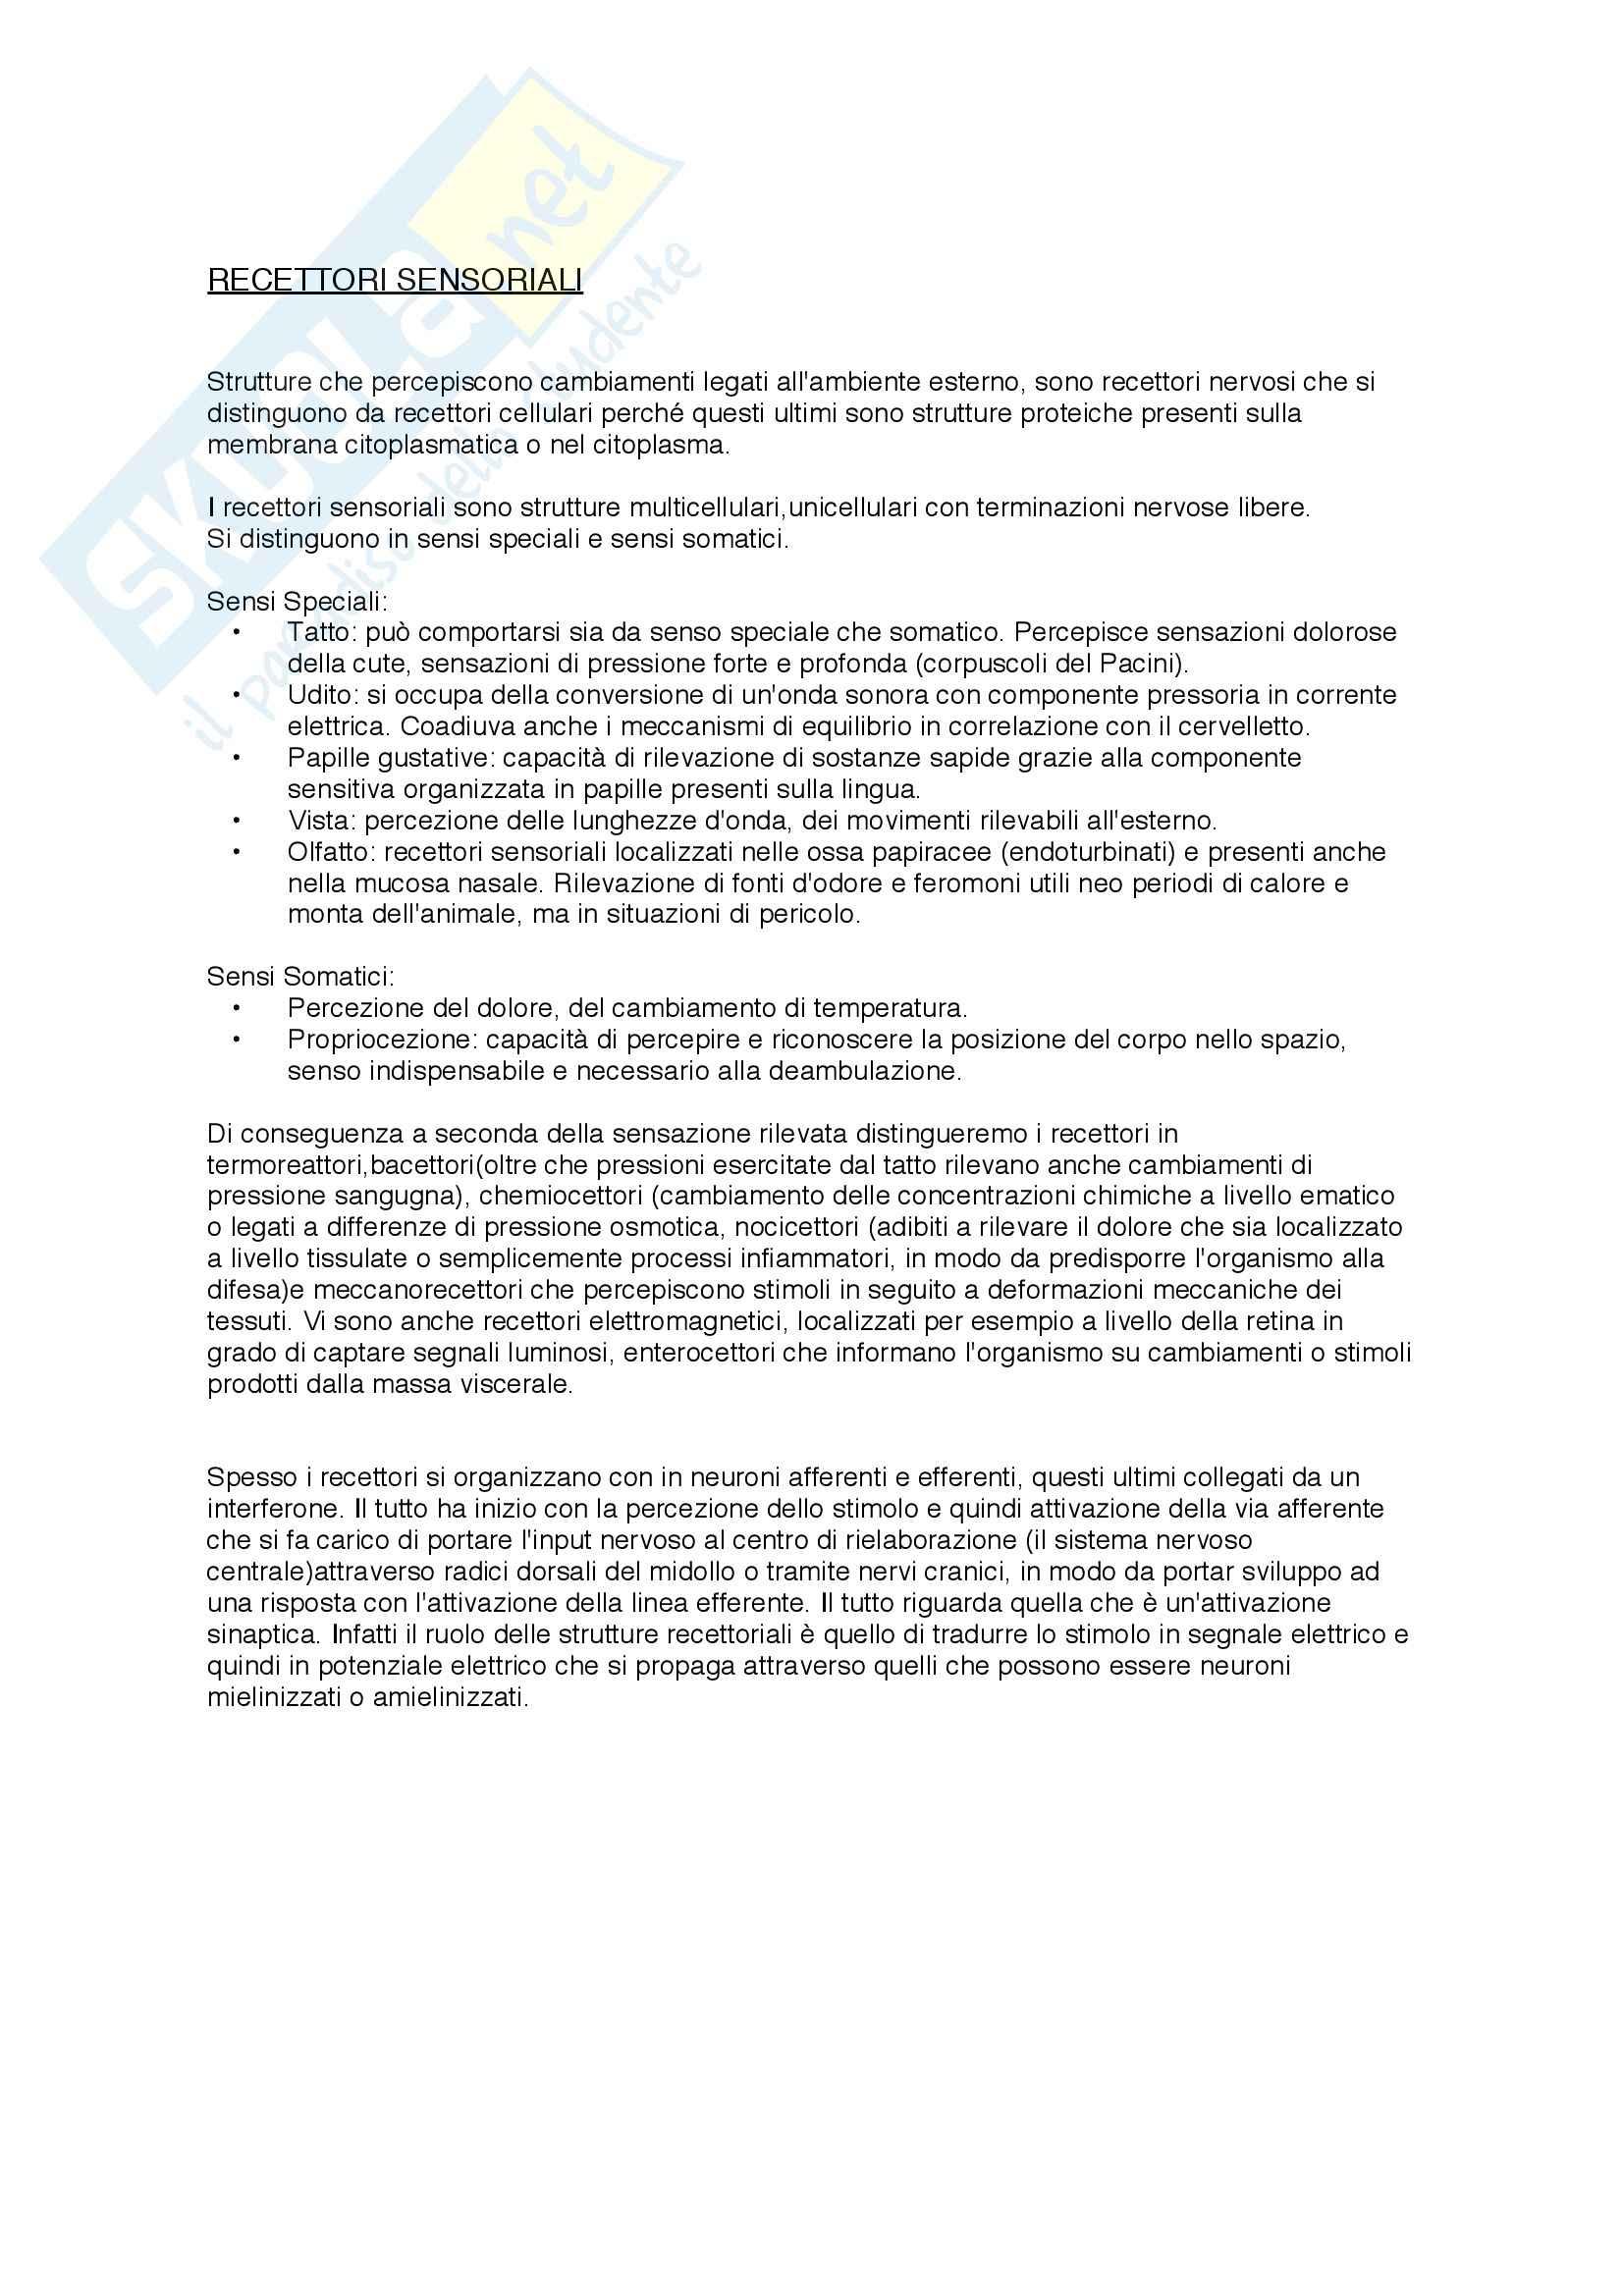 Fisiologia veterinaria - Recettori sensoriali